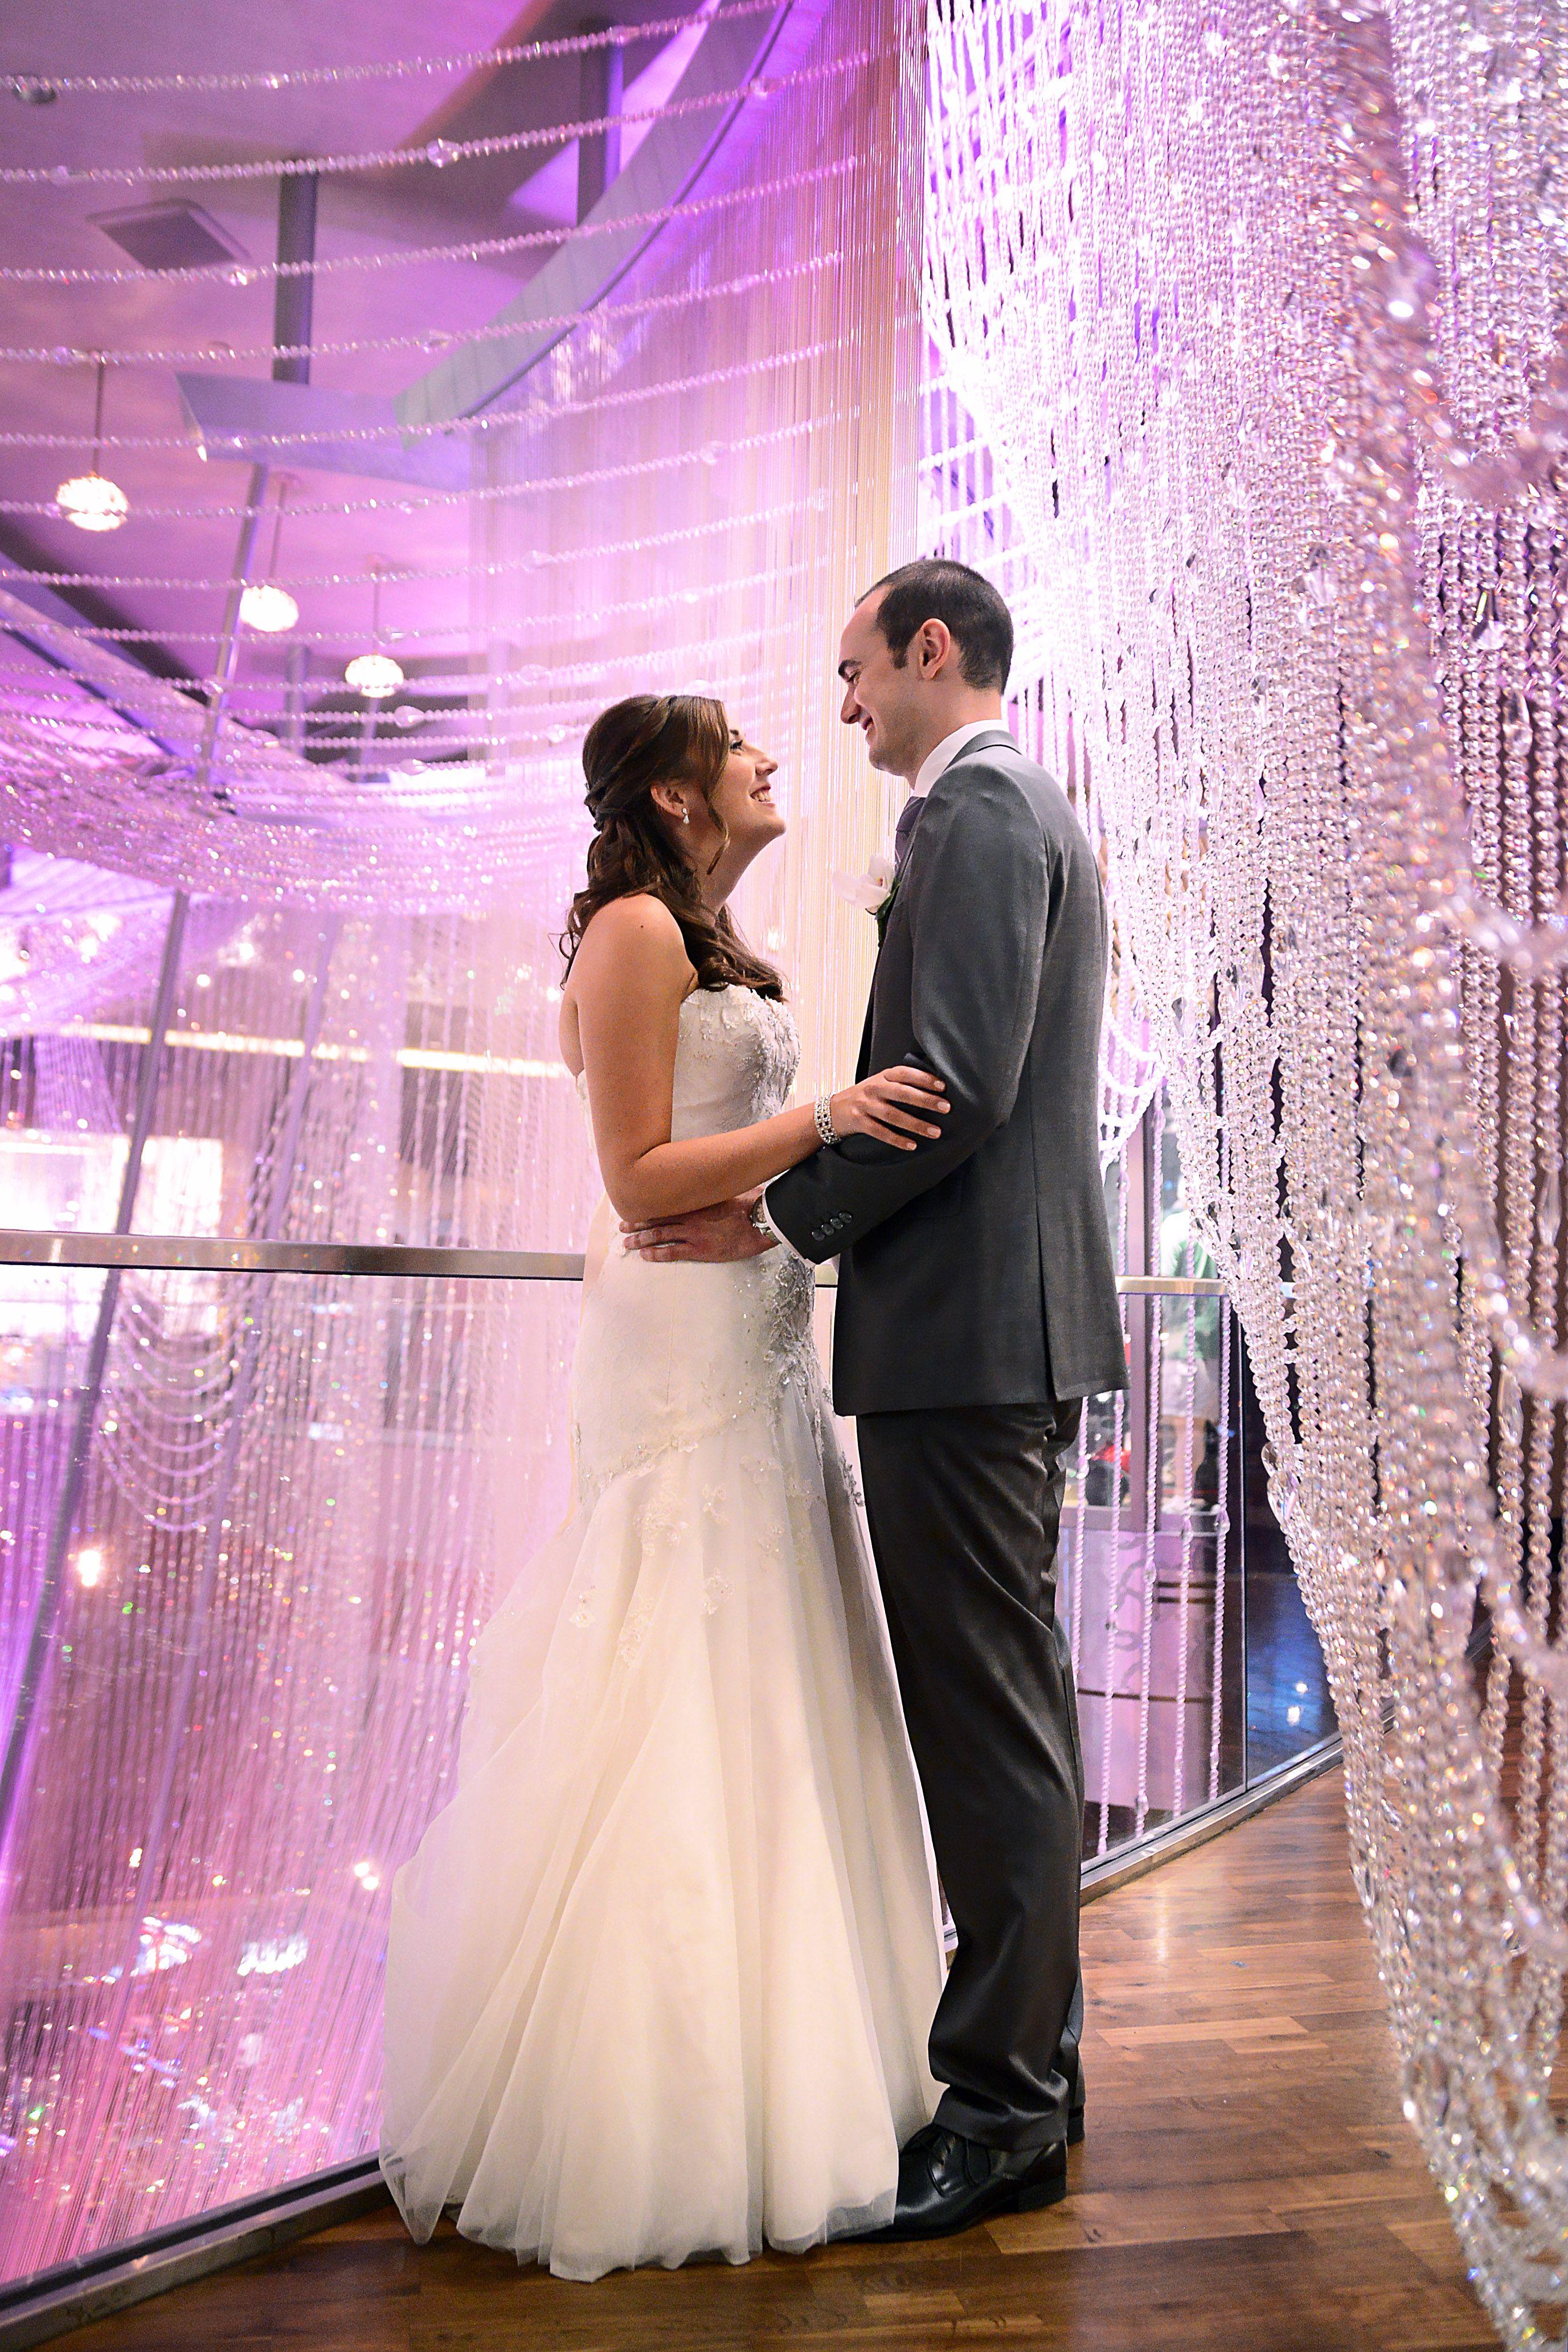 Vegas Wedding Cosmopolitan Las Vegas Vegas Wedding Photos Las Vegas Wedding Photography Las Vegas Engagement Photos